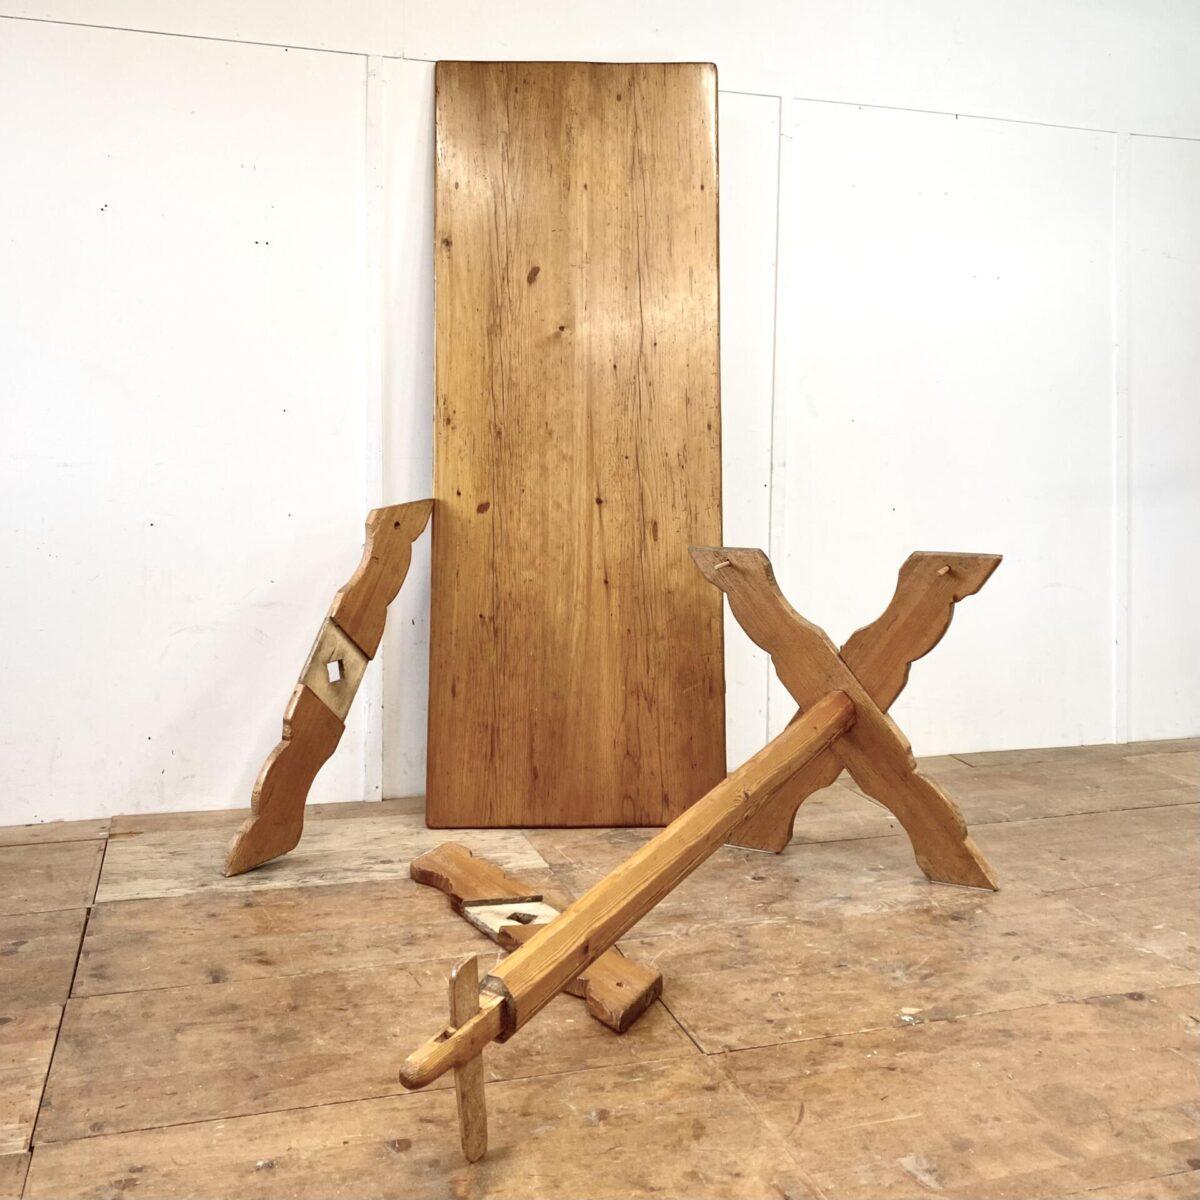 Deuxieme.shop antiker Bündner Schragentisch. Alter Schragentisch mit Schublade aus Fichtenholz. 206x78cm Höhe 79cm. Der Tisch kann auseinander genommen werden, und wird mittels Holzzapfen und Keilen zusammen gesteckt. Das 4er Set Stabellen Stühle kostet 400.- Sitzhöhe 48cm. Die Stabellenbank mit Rückenlehne ist ebenfalls verfügbar. Länge 200cm Sitzhöhe 49cm Preis: 600.-